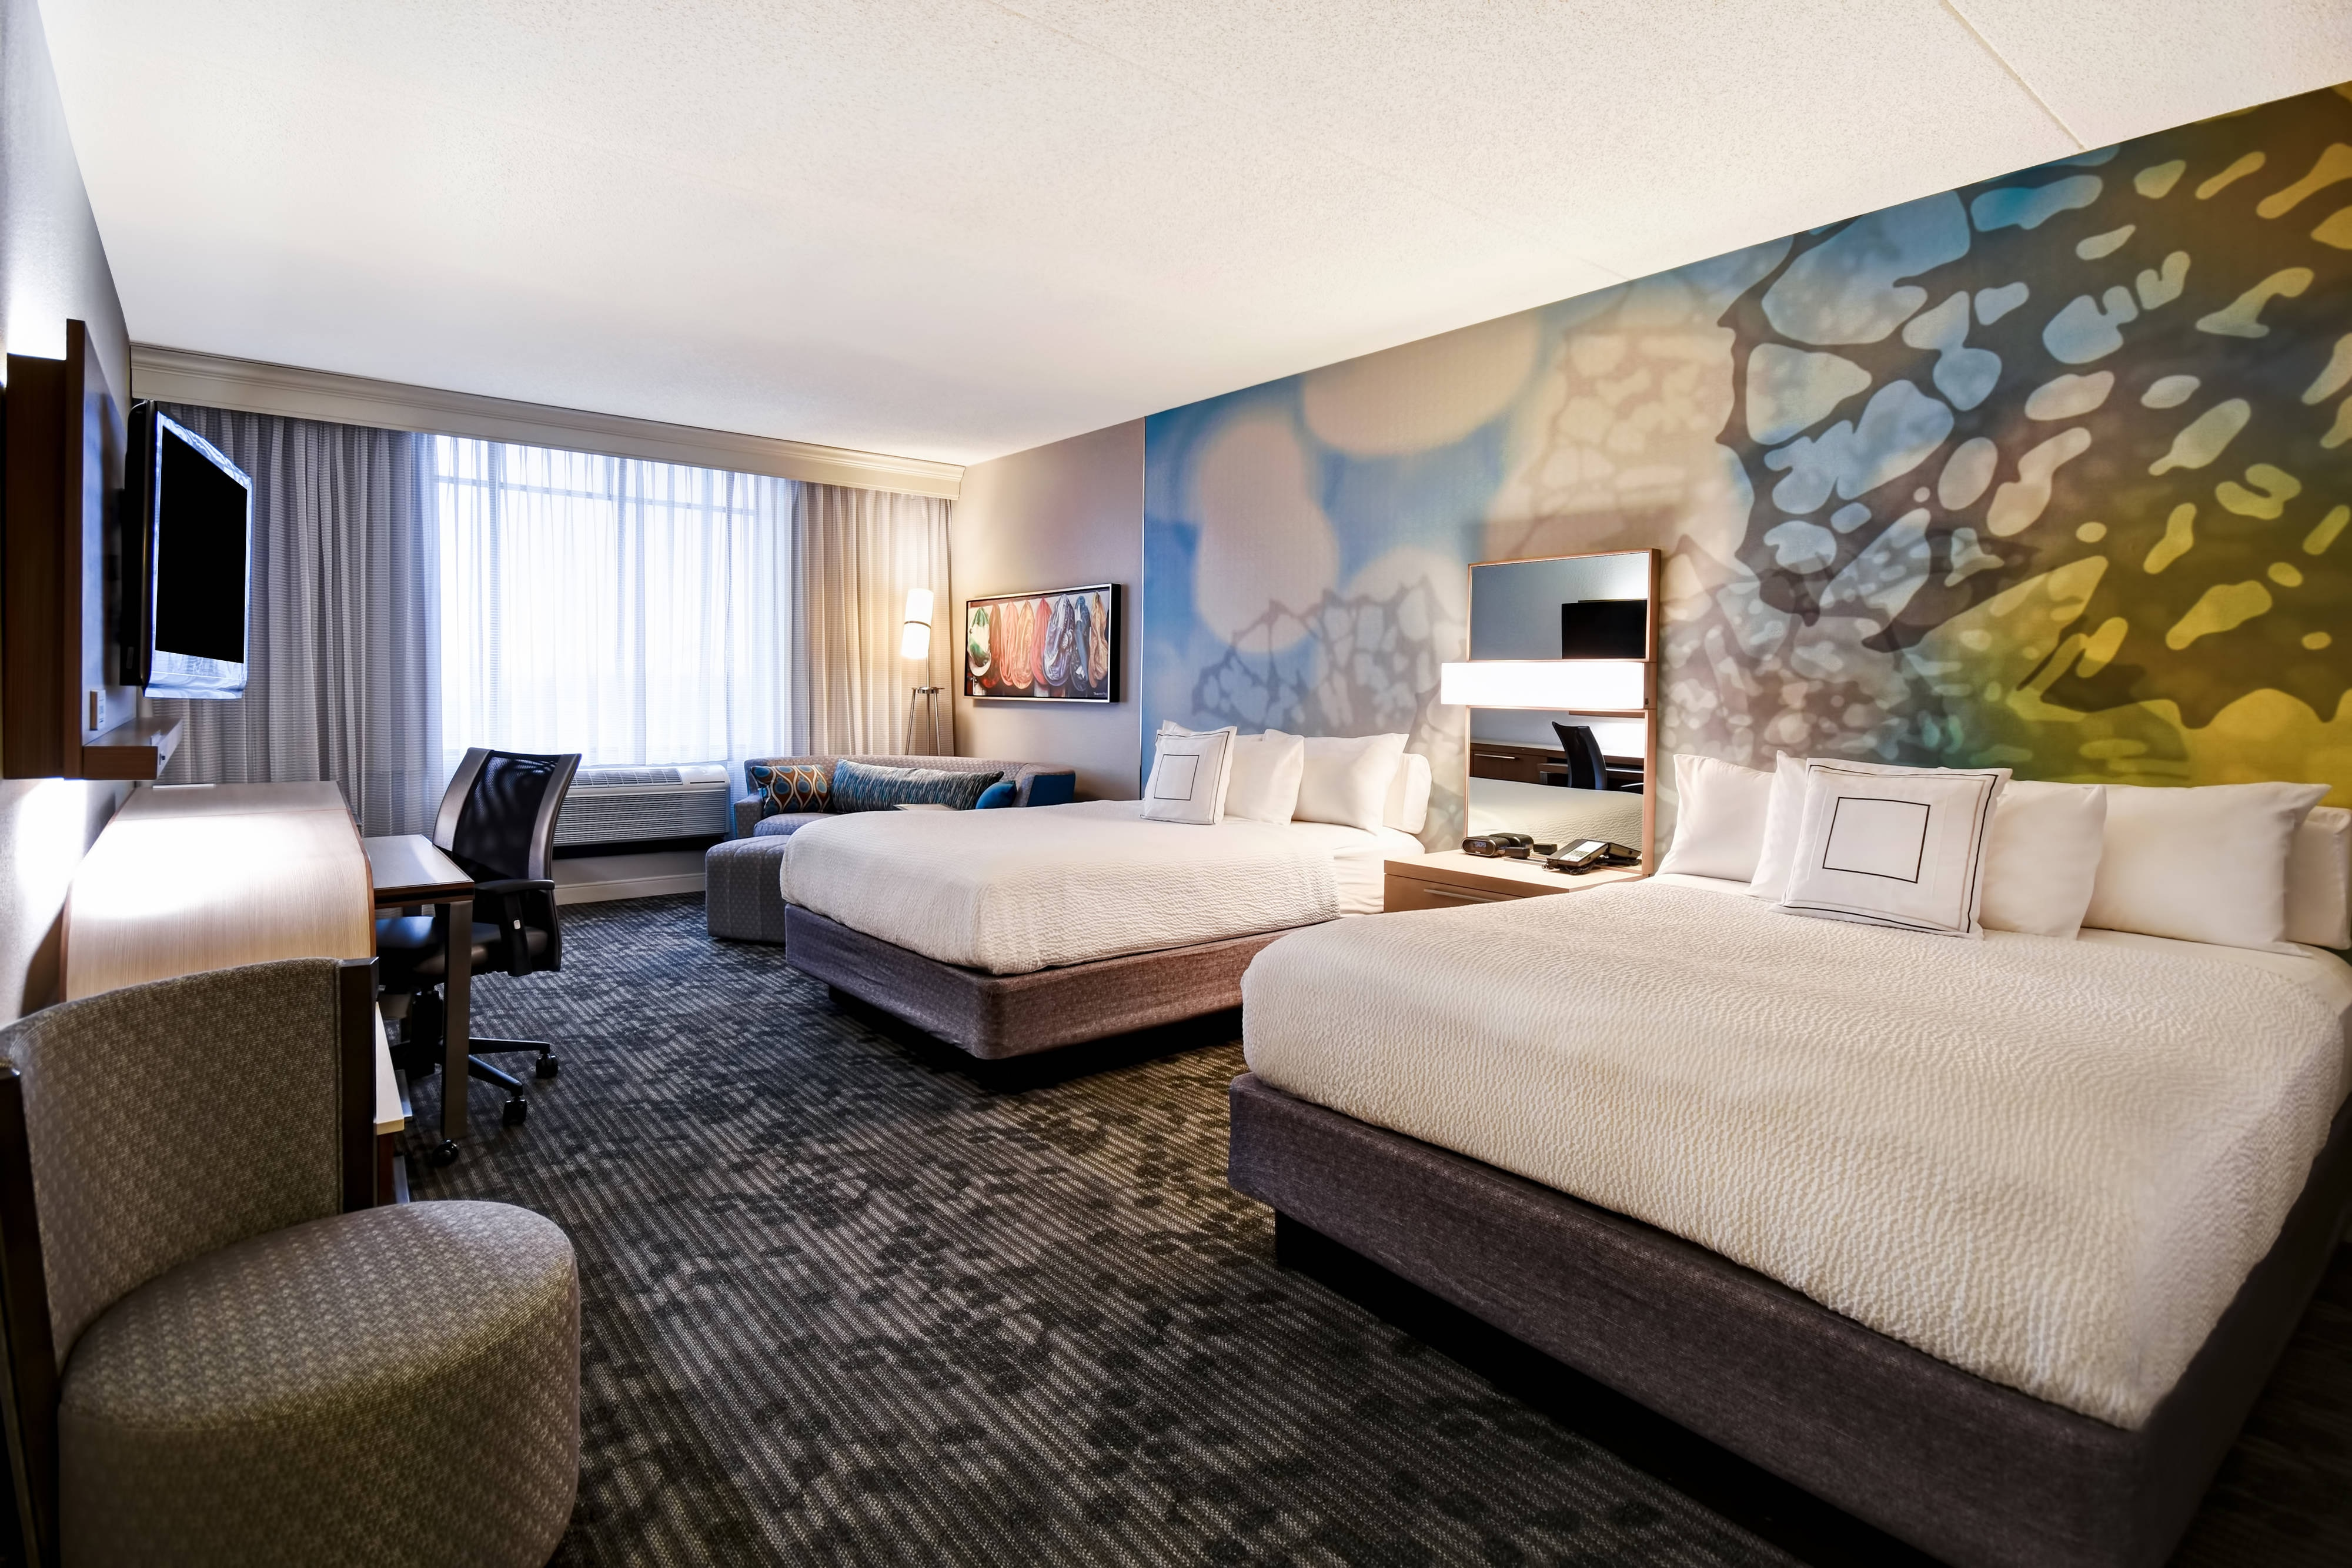 Größeres Gästezimmer mit zwei Queensize-Betten